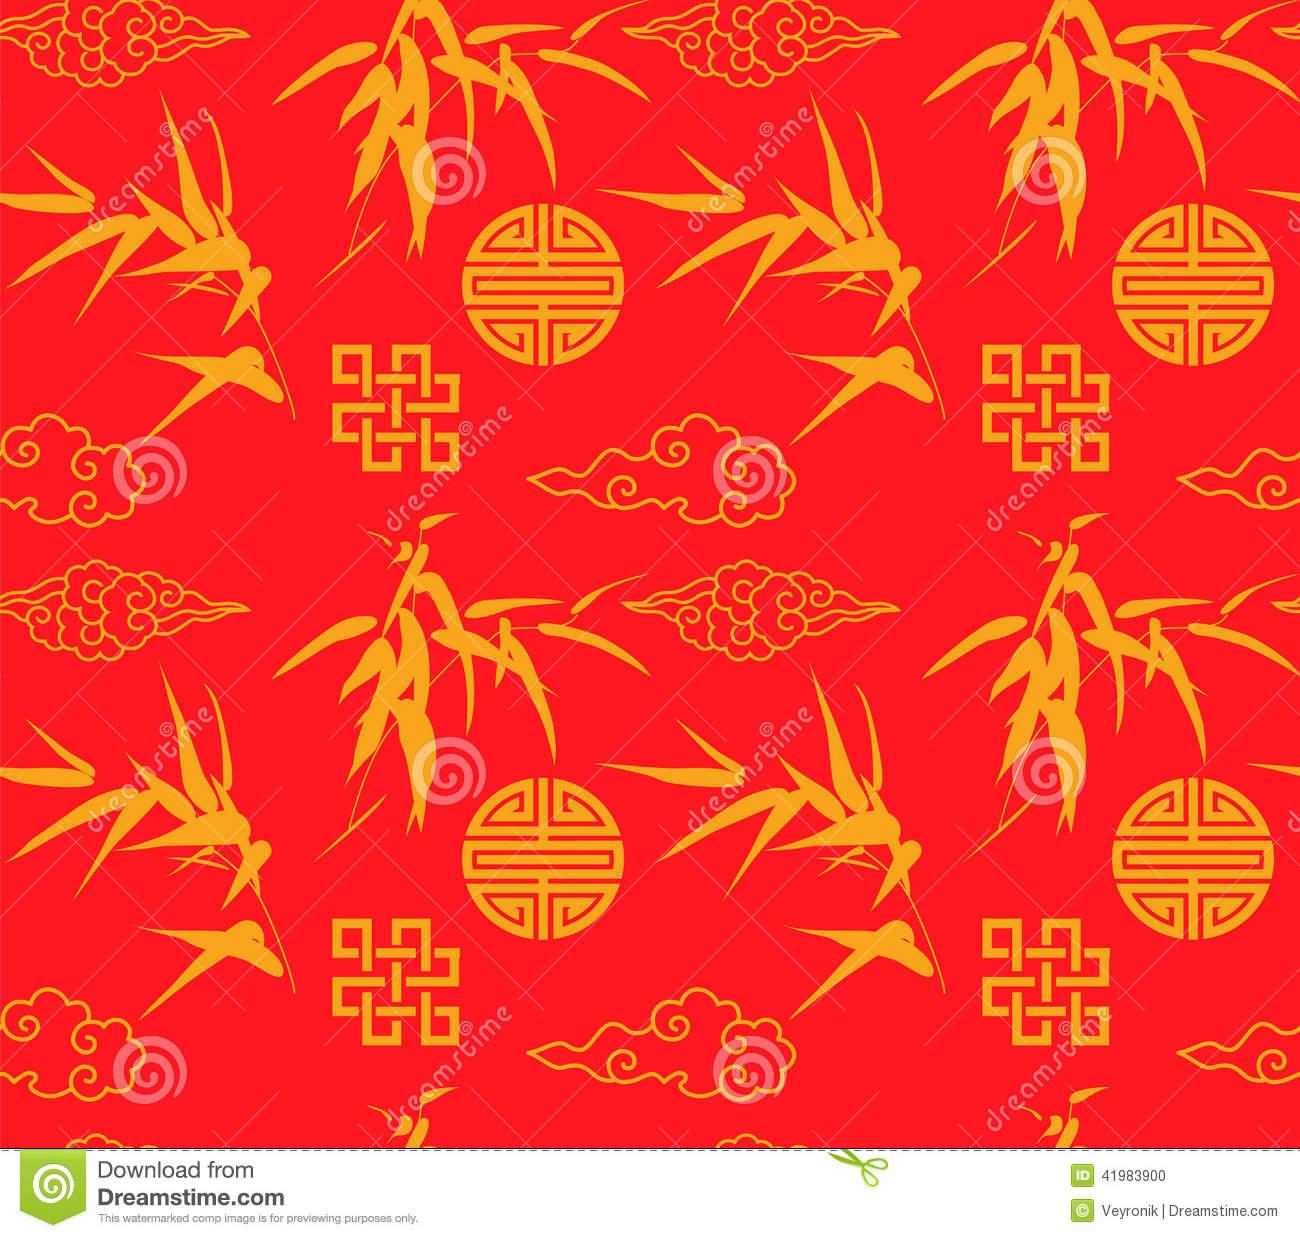 Asian Gold Wallpaper - WallpaperSafari